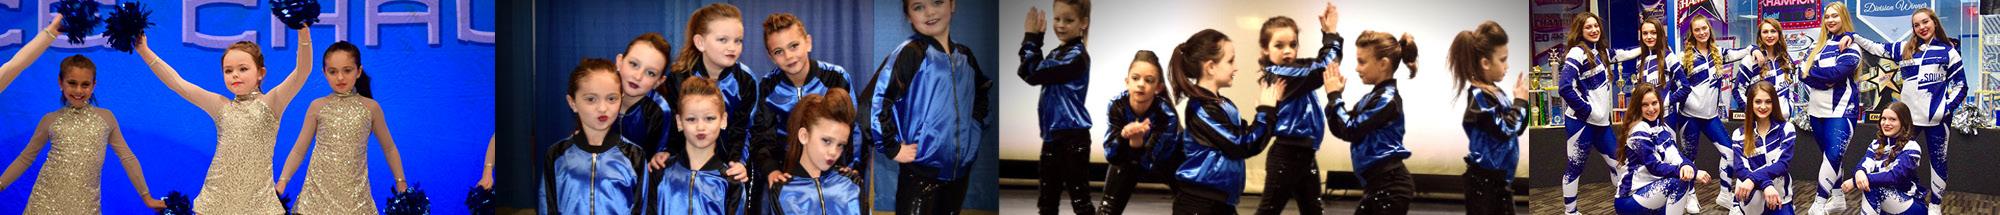 4 photos of girls dance team banner